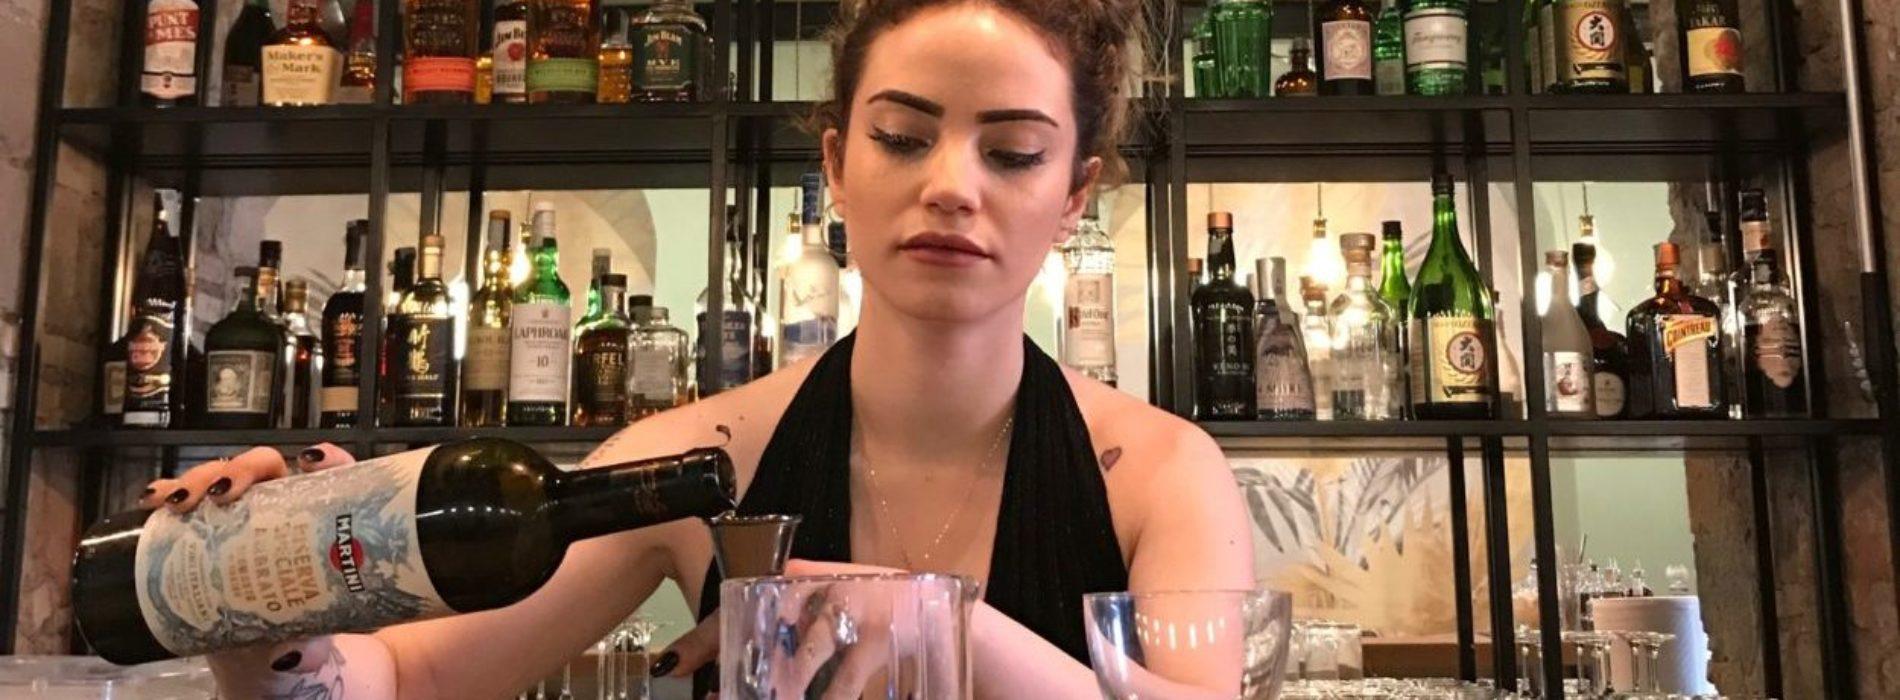 Barlady a Roma, la mixology al femminile e cinque drink ispirati ai film